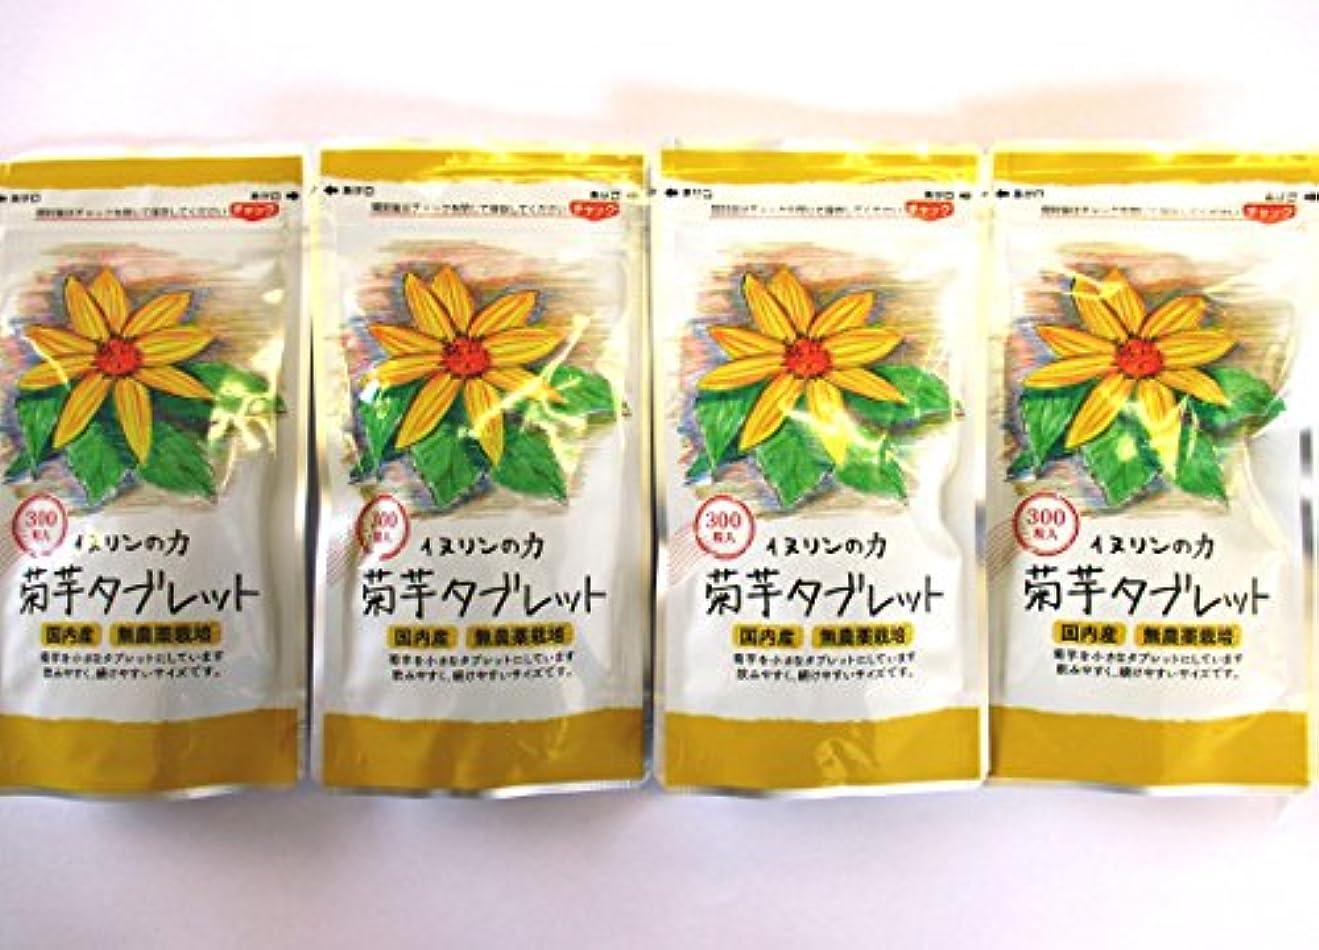 散歩に行くポップいつか菊芋タブレット 250mg×300粒 4個セット 内容量:300g ★4袋で生菊芋=2640g分相当です!